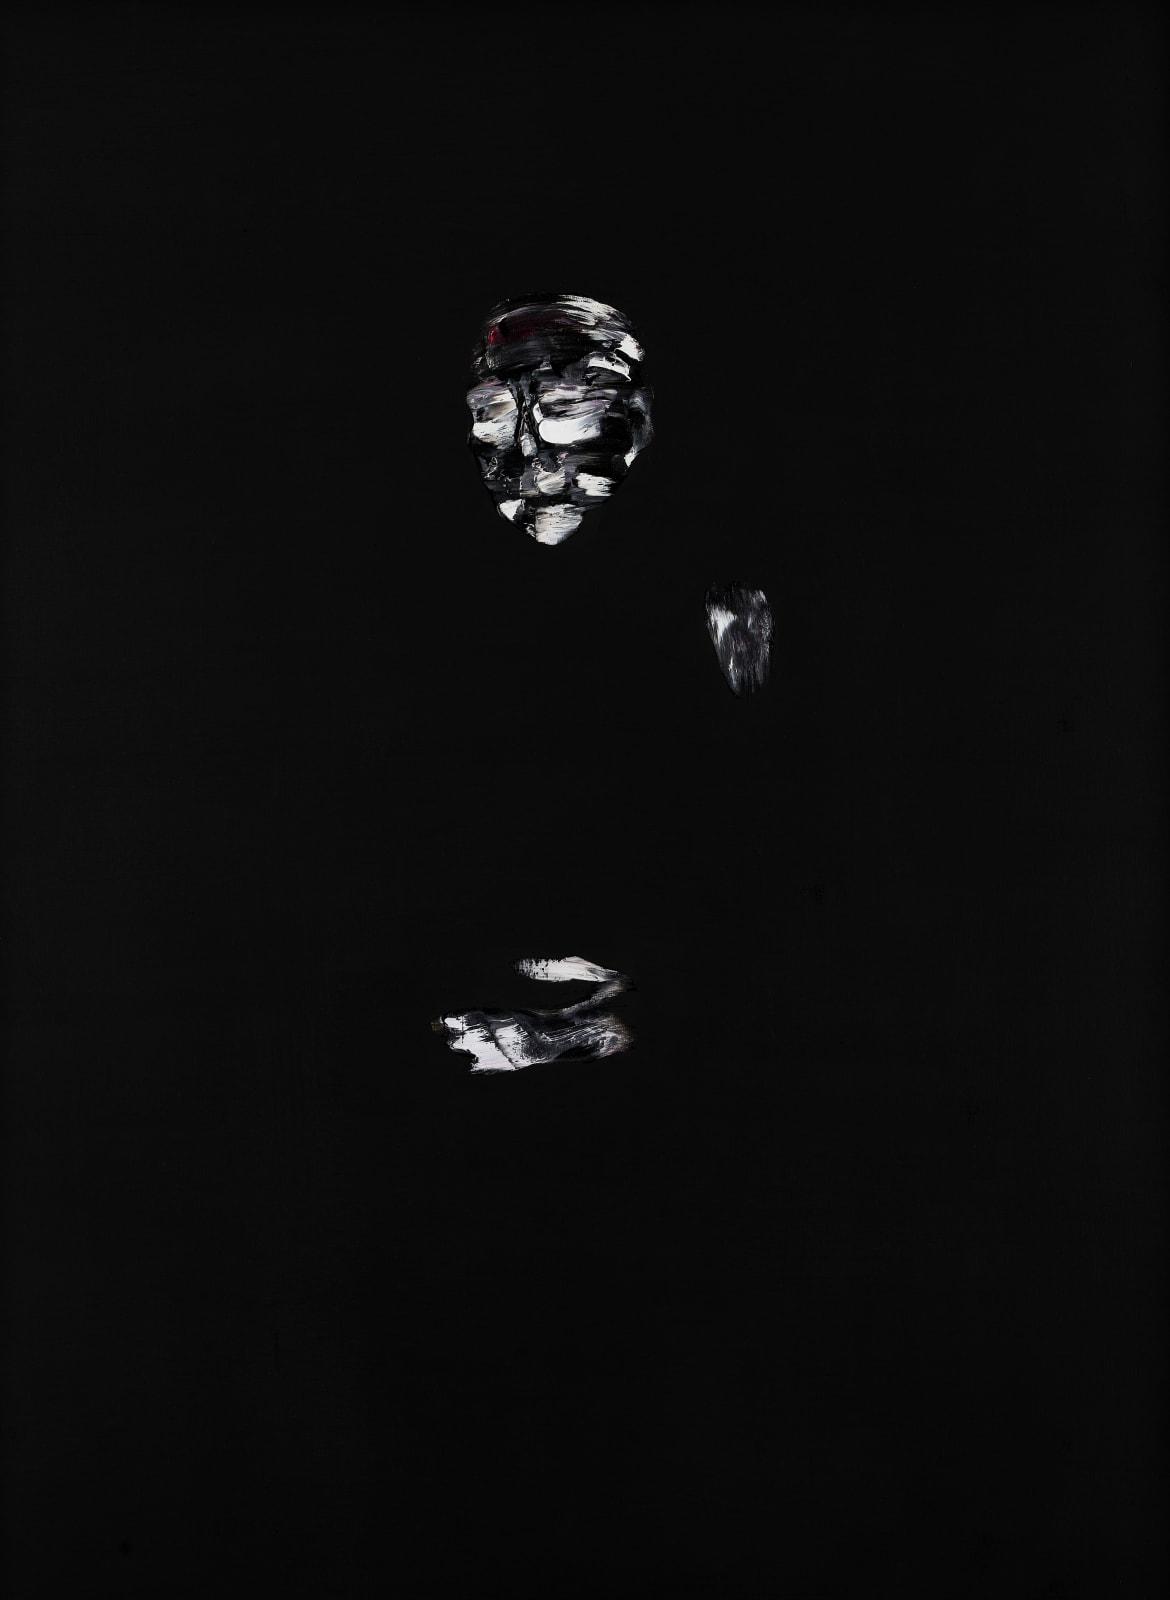 Lorenzo Puglisi, Ritratto180218 (Portrait180218), 2018